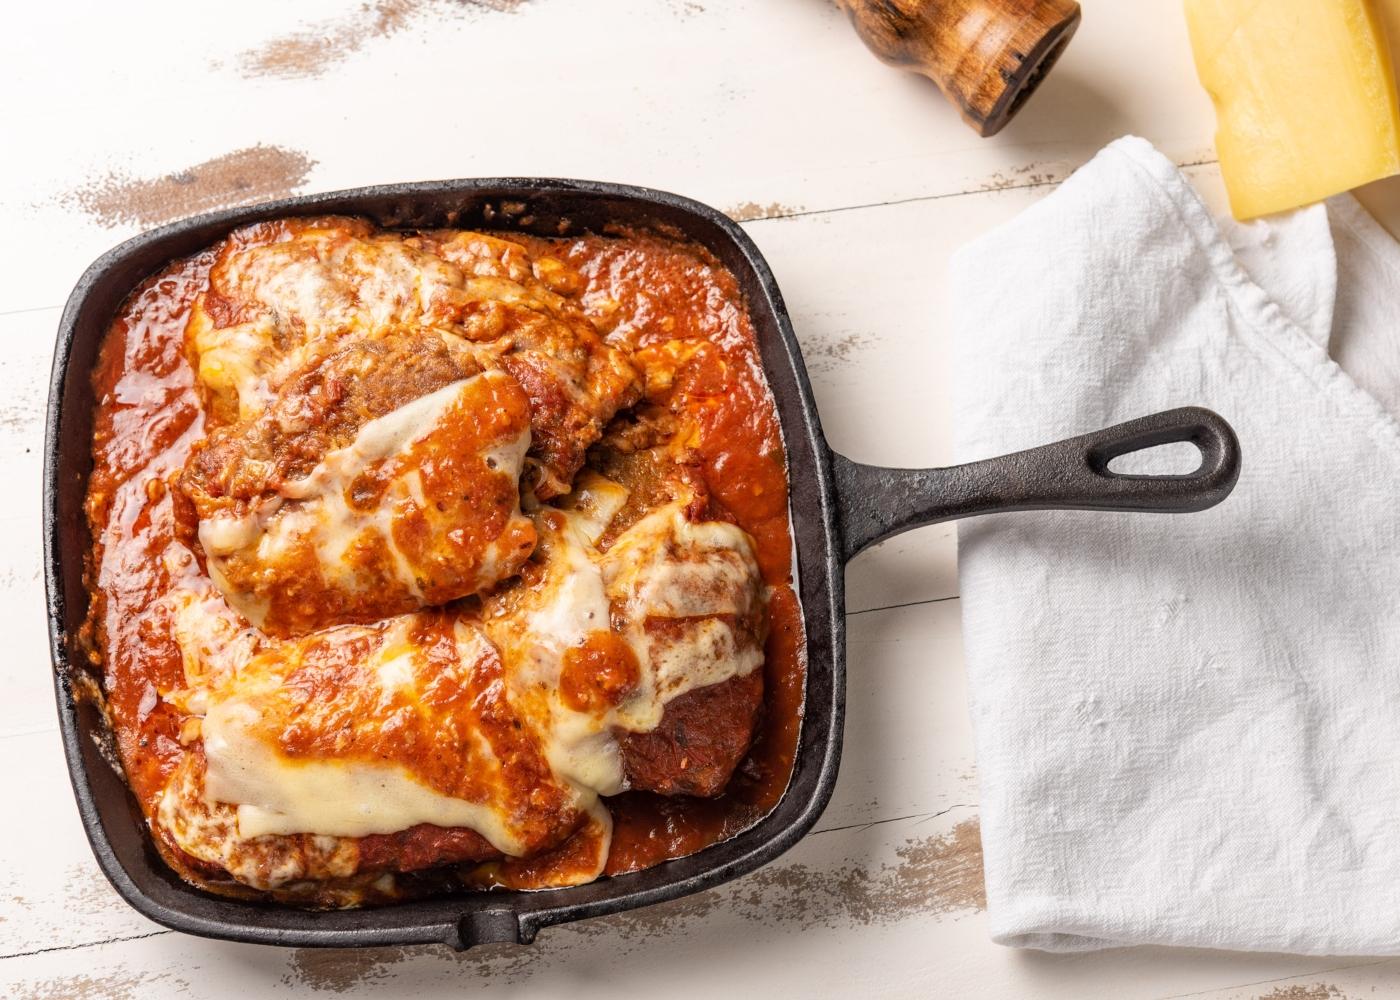 bife com queijo e molho de tomate